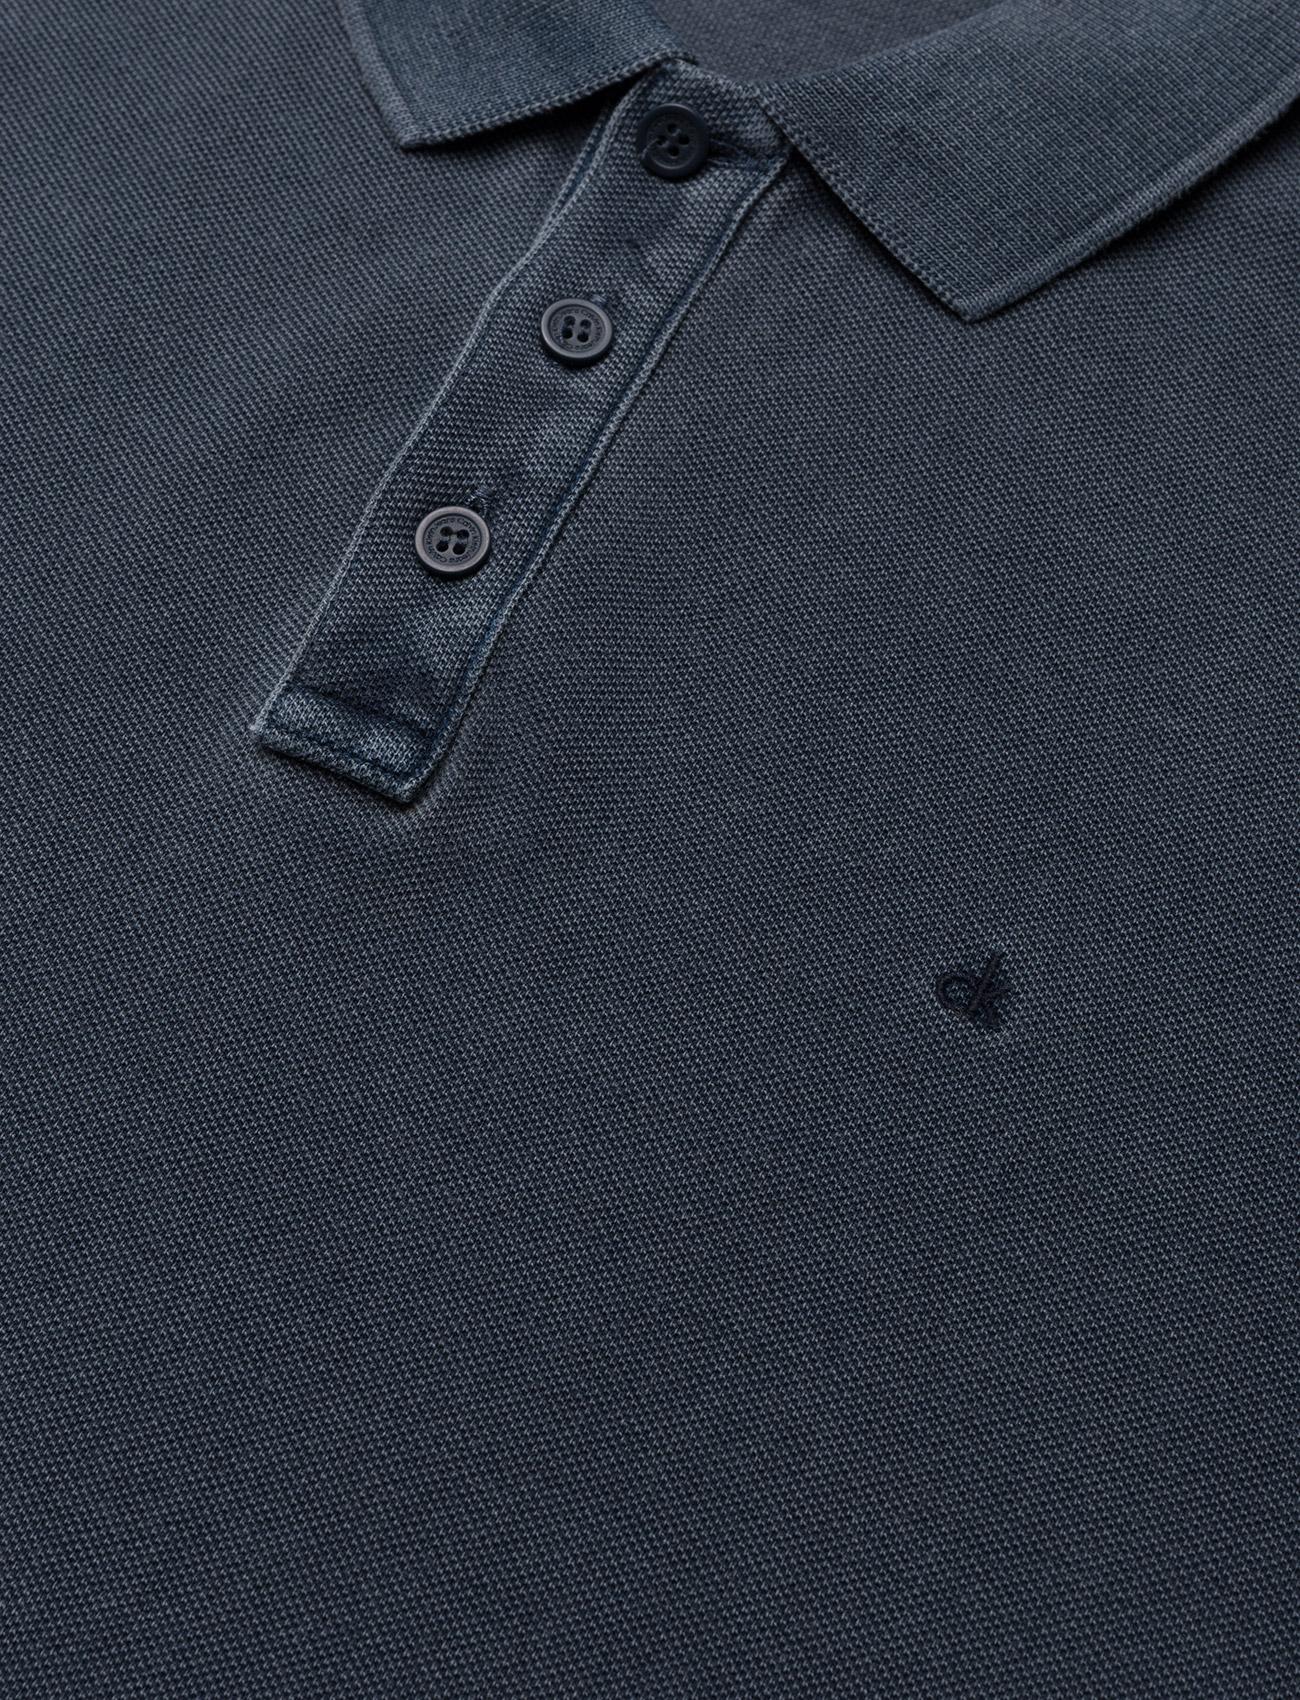 Pedro 3  Polo S/S Calvin Klein Jeans Kortærmede polo t-shirts til Mænd i